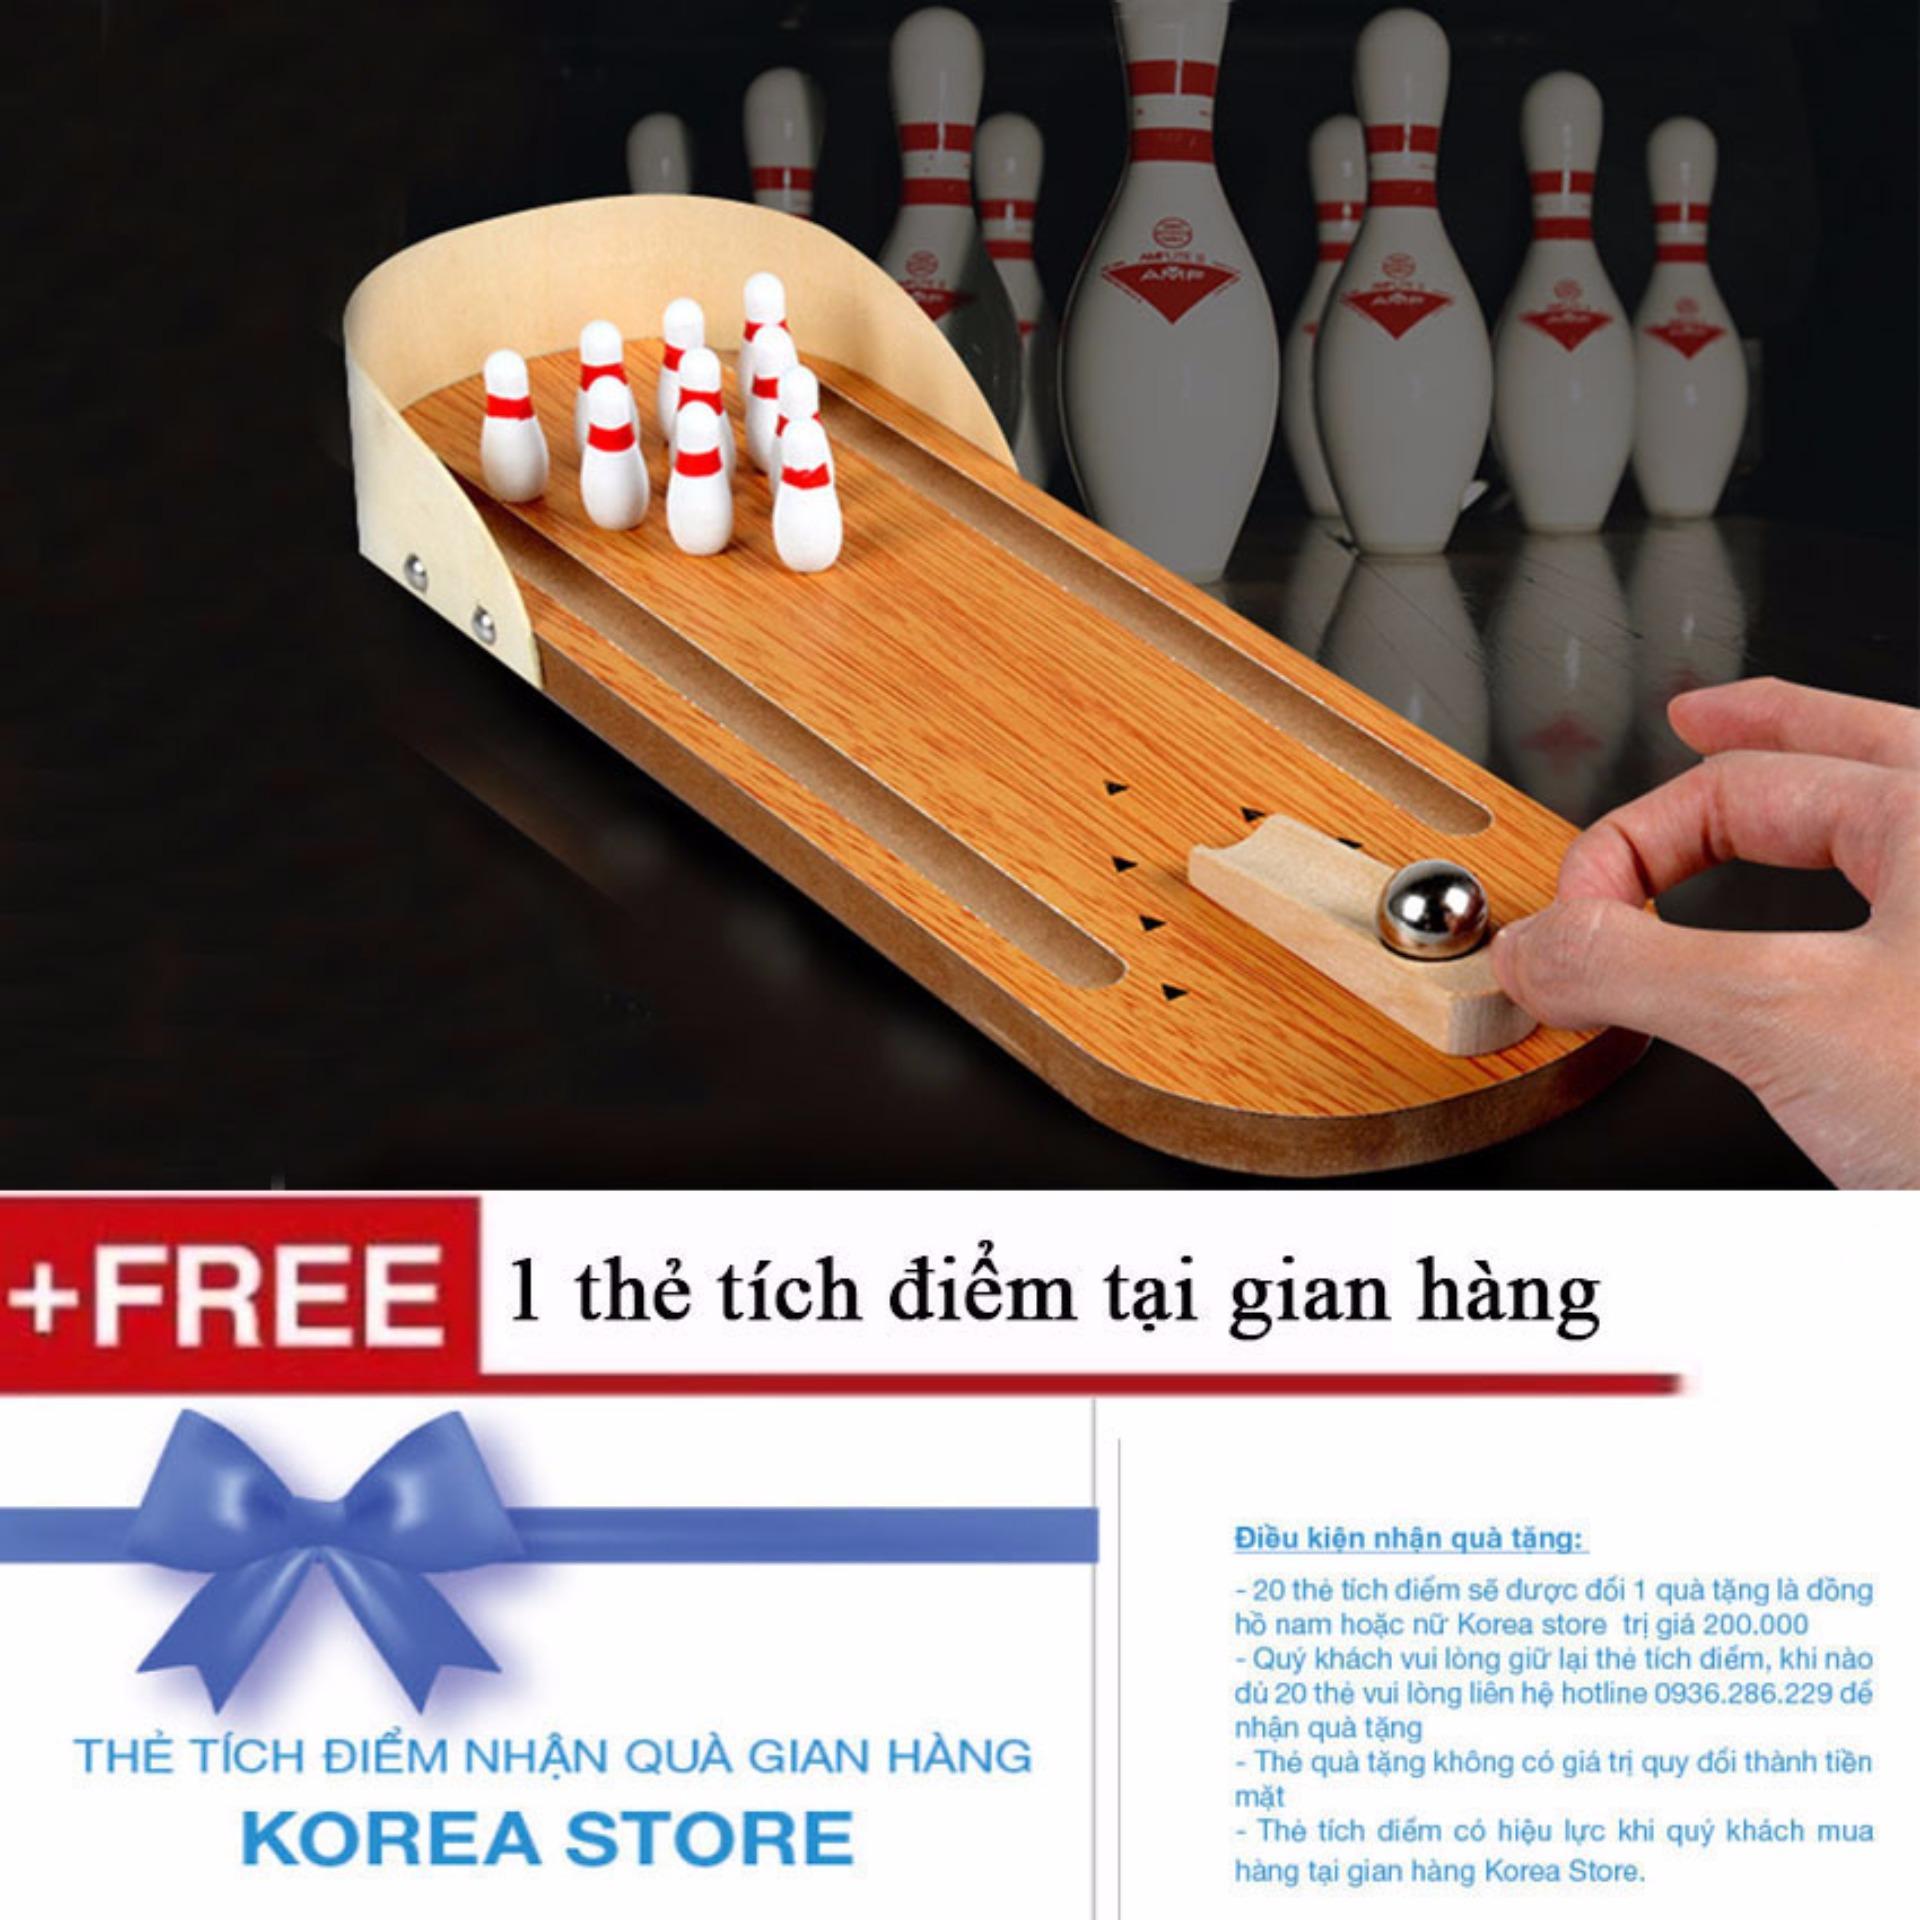 Bộ Đồ Chơi Bowling Bằng Gỗ Cho Bé T&l